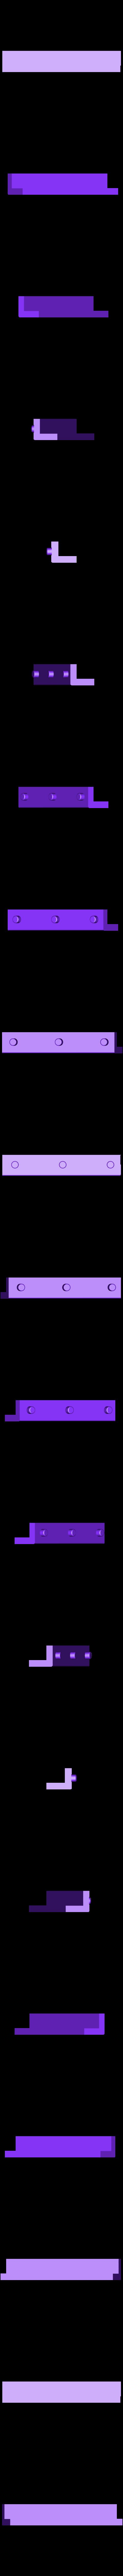 bord de charrete droite.STL Télécharger fichier STL gratuit charrette 2 roue • Objet à imprimer en 3D, trixo416